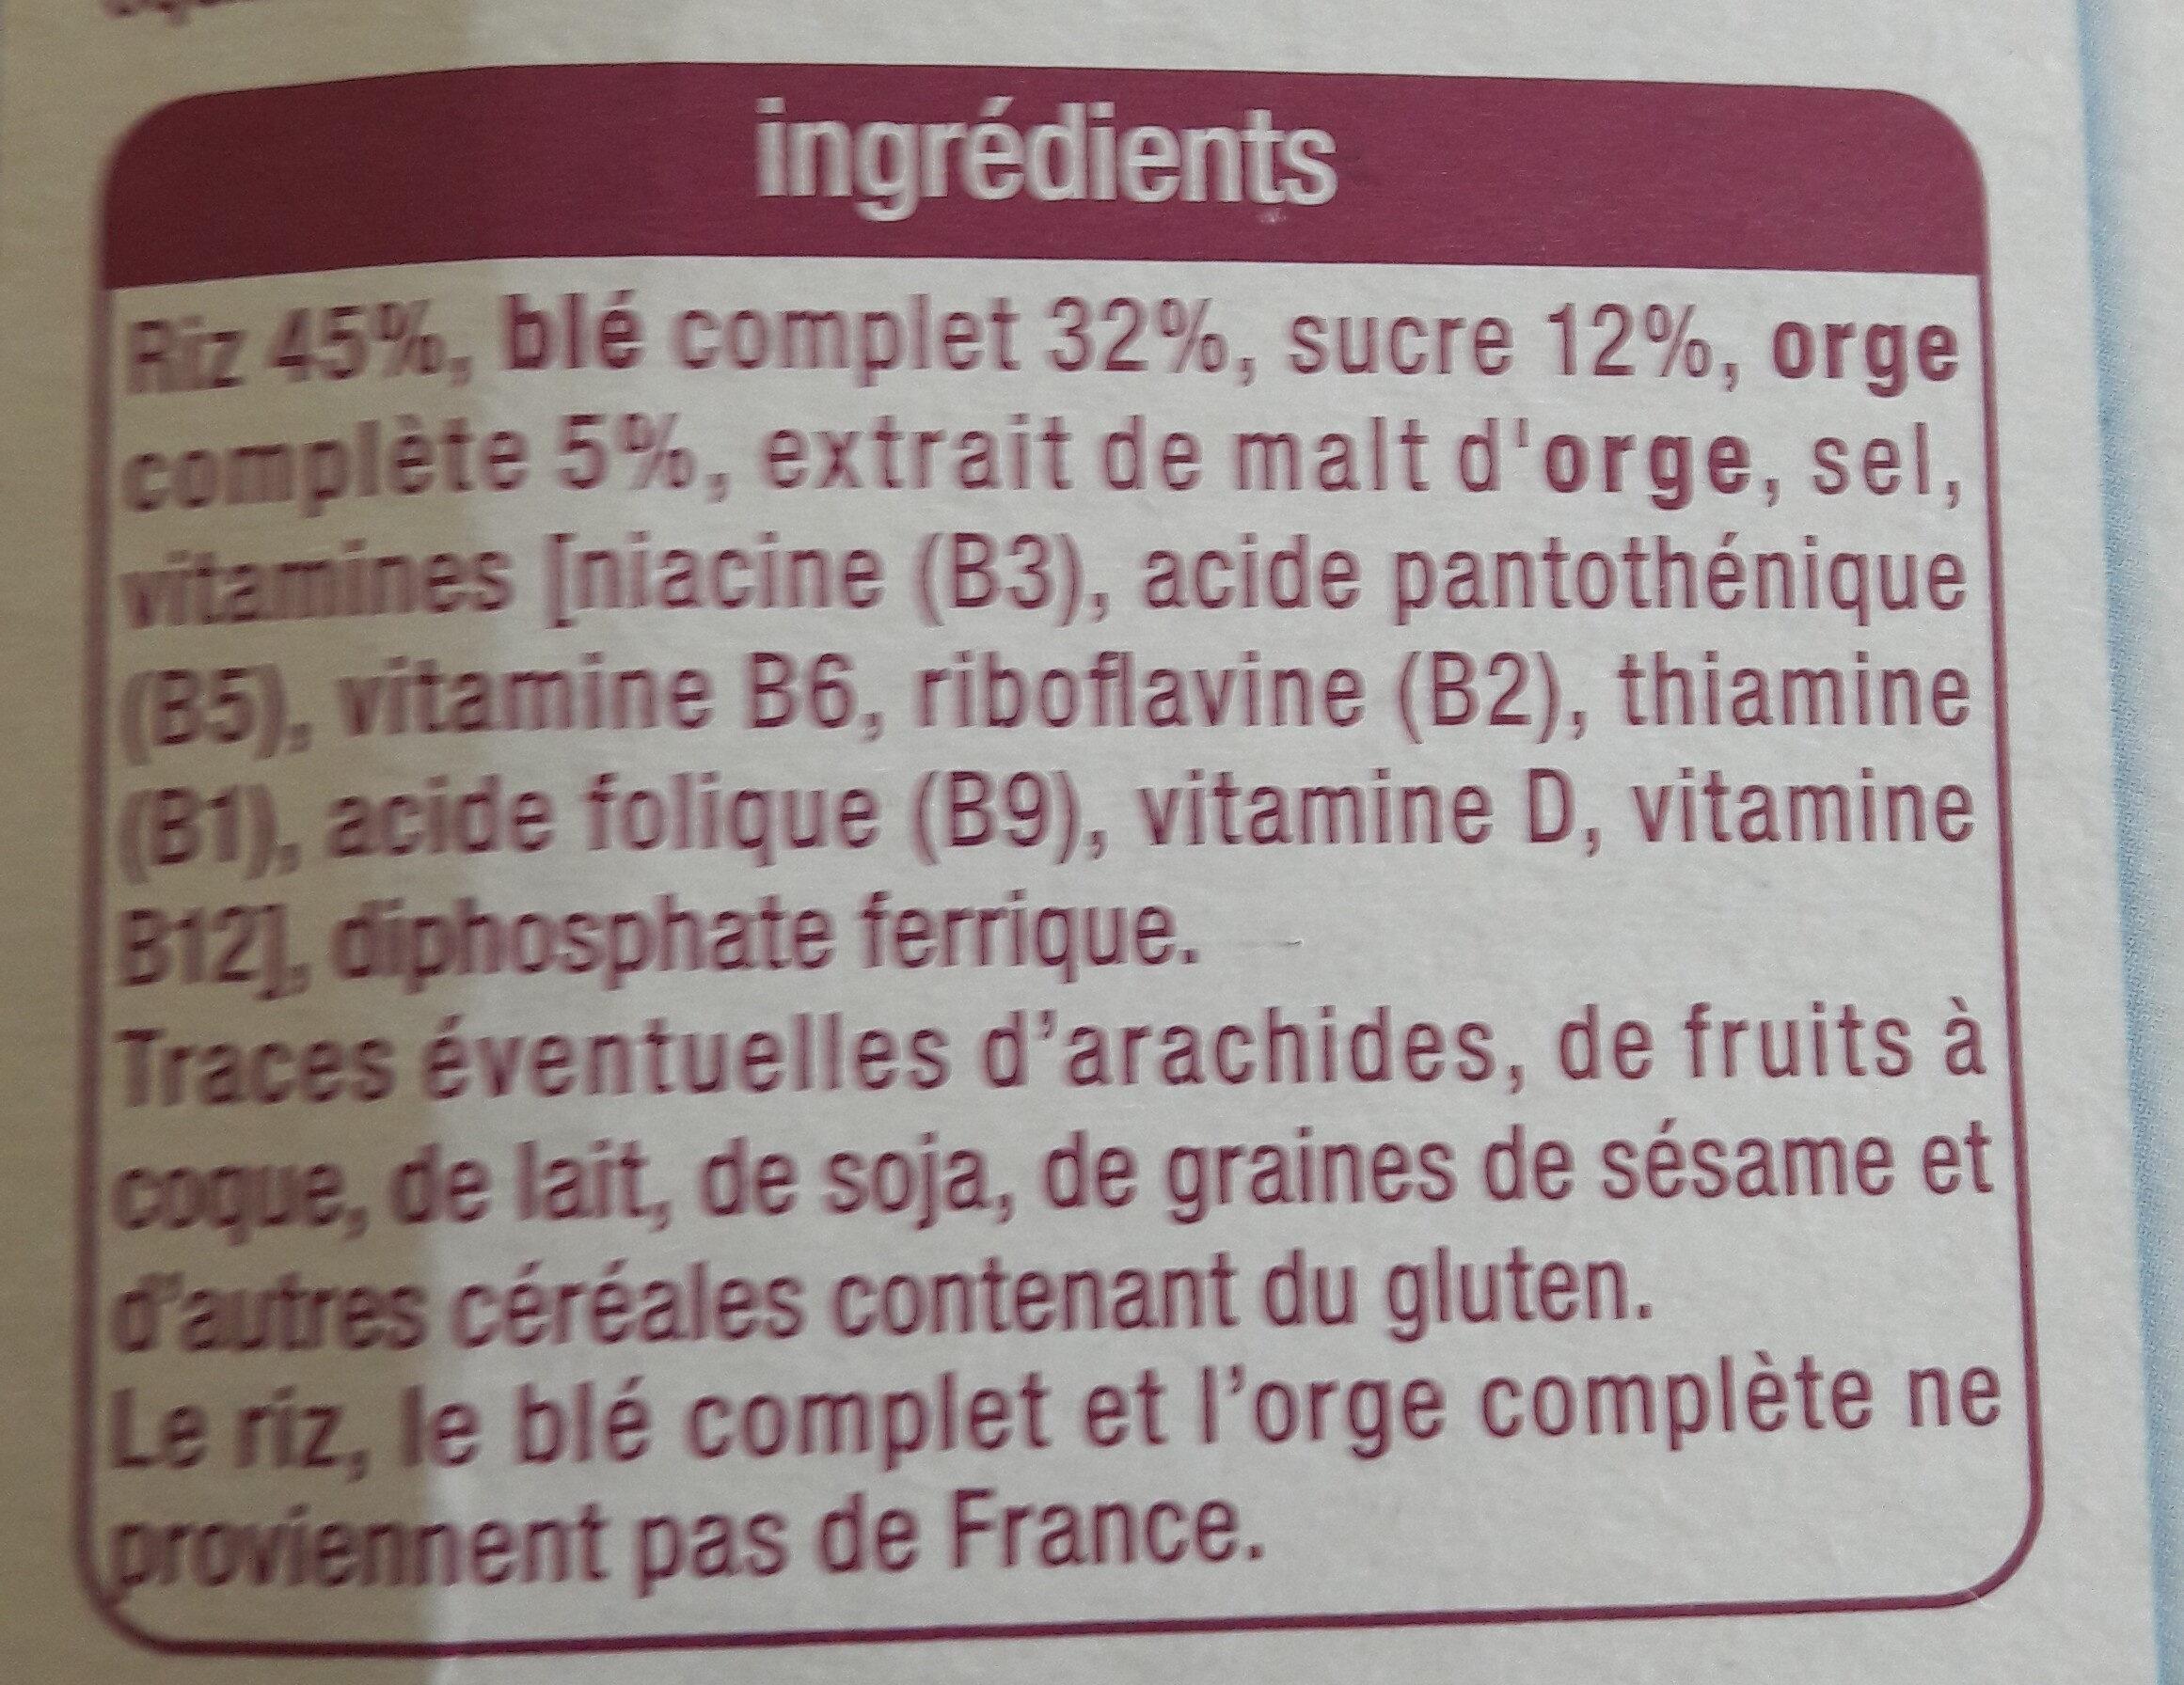 Pétales de riz, blé complet & orge complète - Ingredients - fr